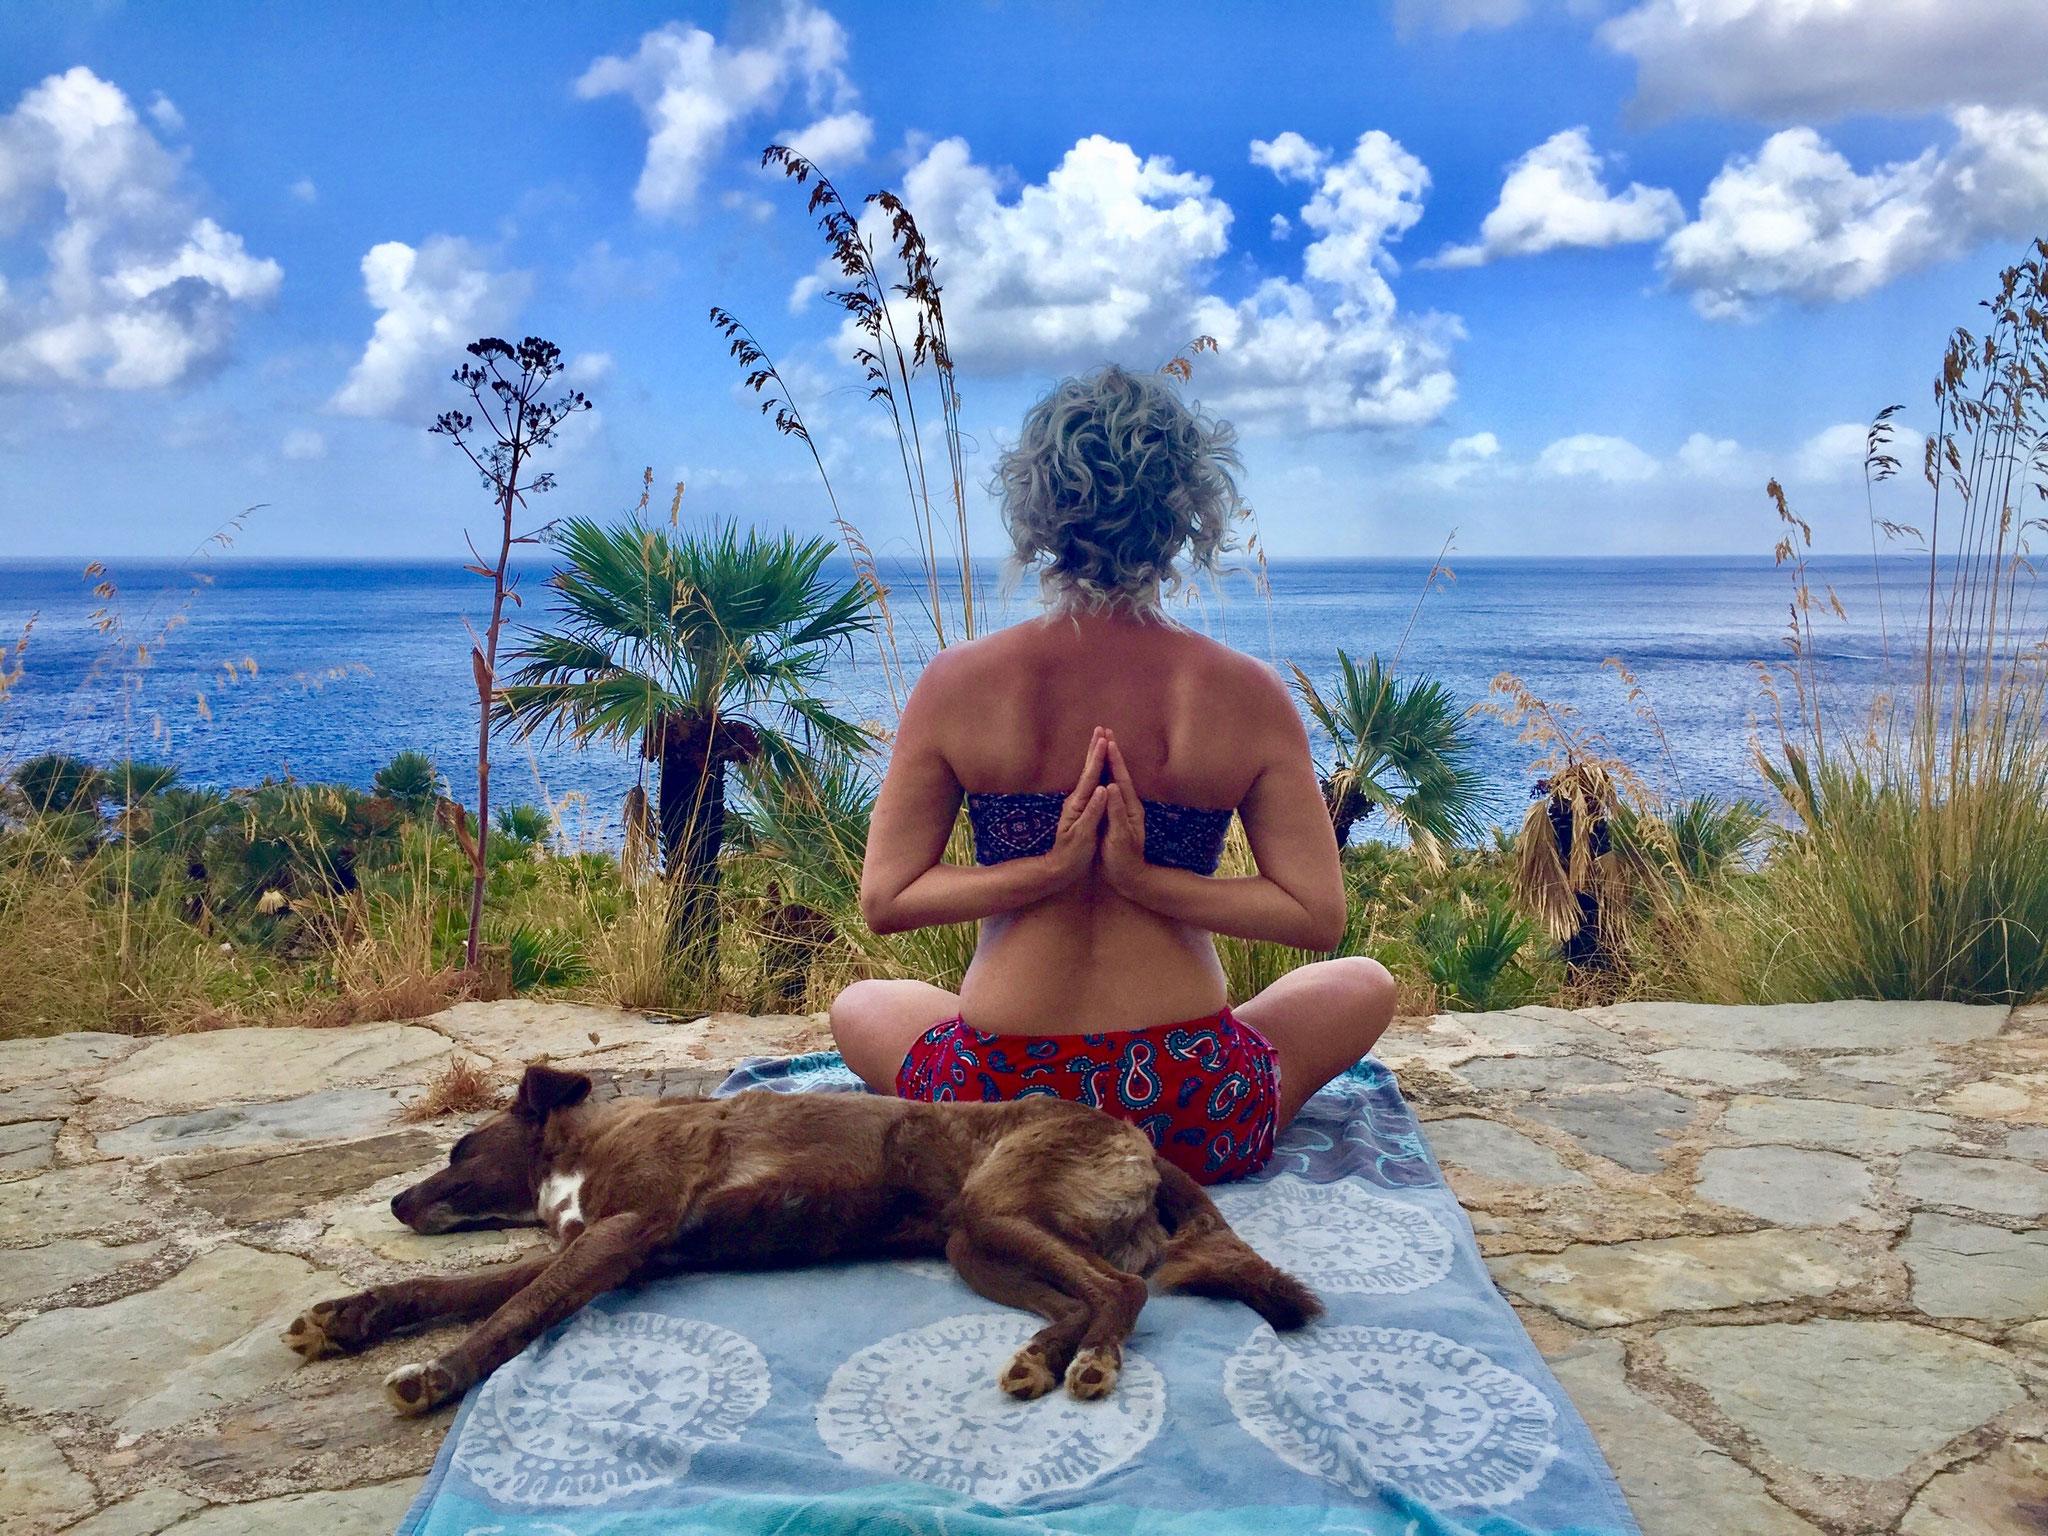 Nimm dir jeden Tag die Zeit still zu sitzen und auf die Dinge zu lauschen. Achte auf die Melodie des Lebens welche in dir schwingt..... Buddha